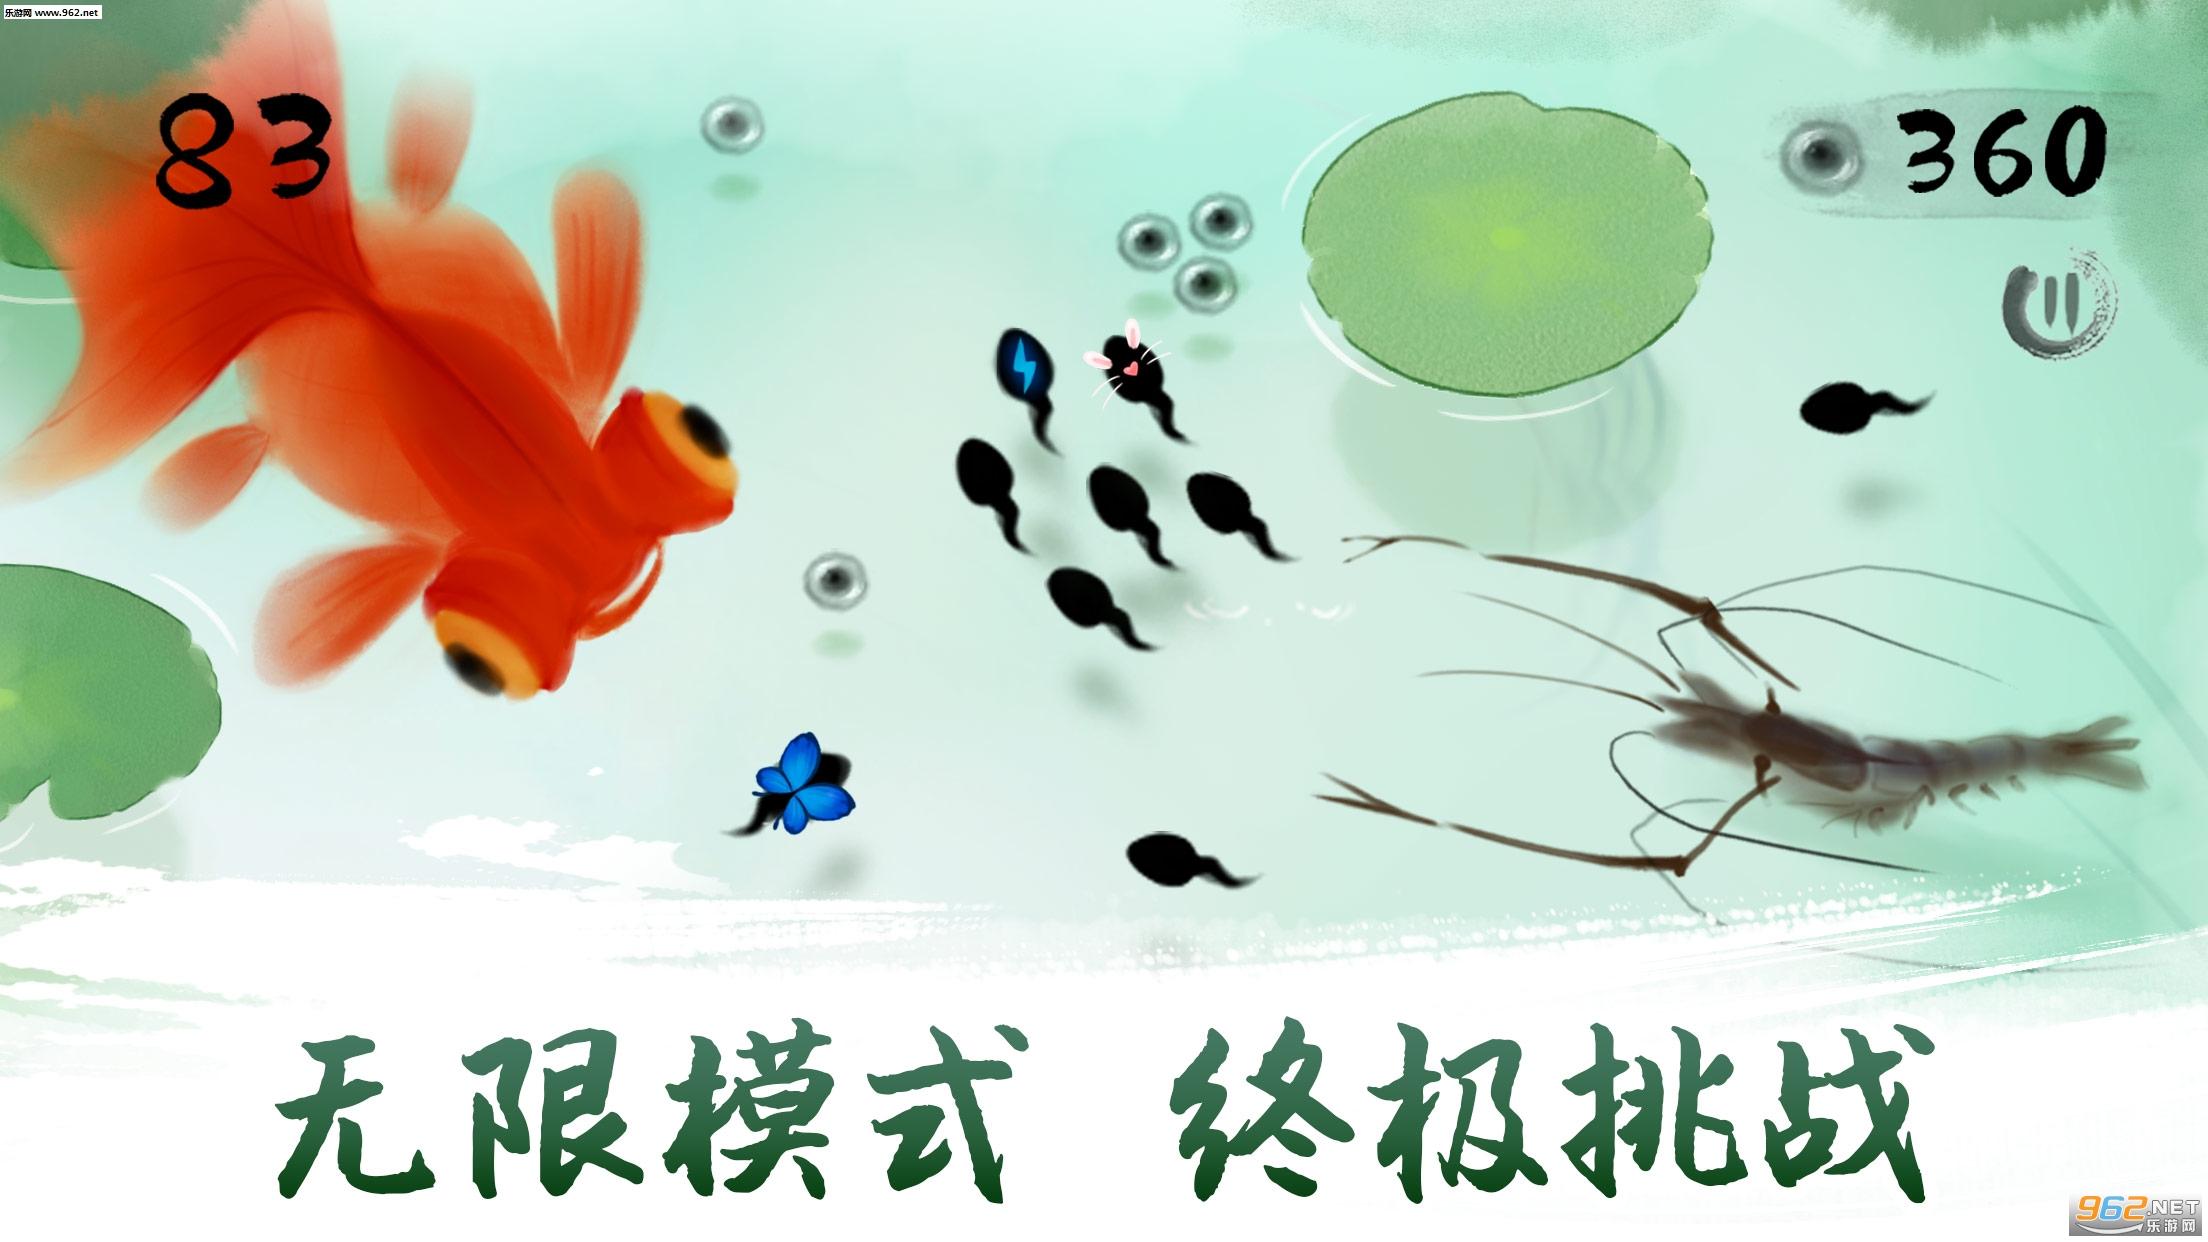 墨虾探蝌手机版v1.0 安卓版截图3